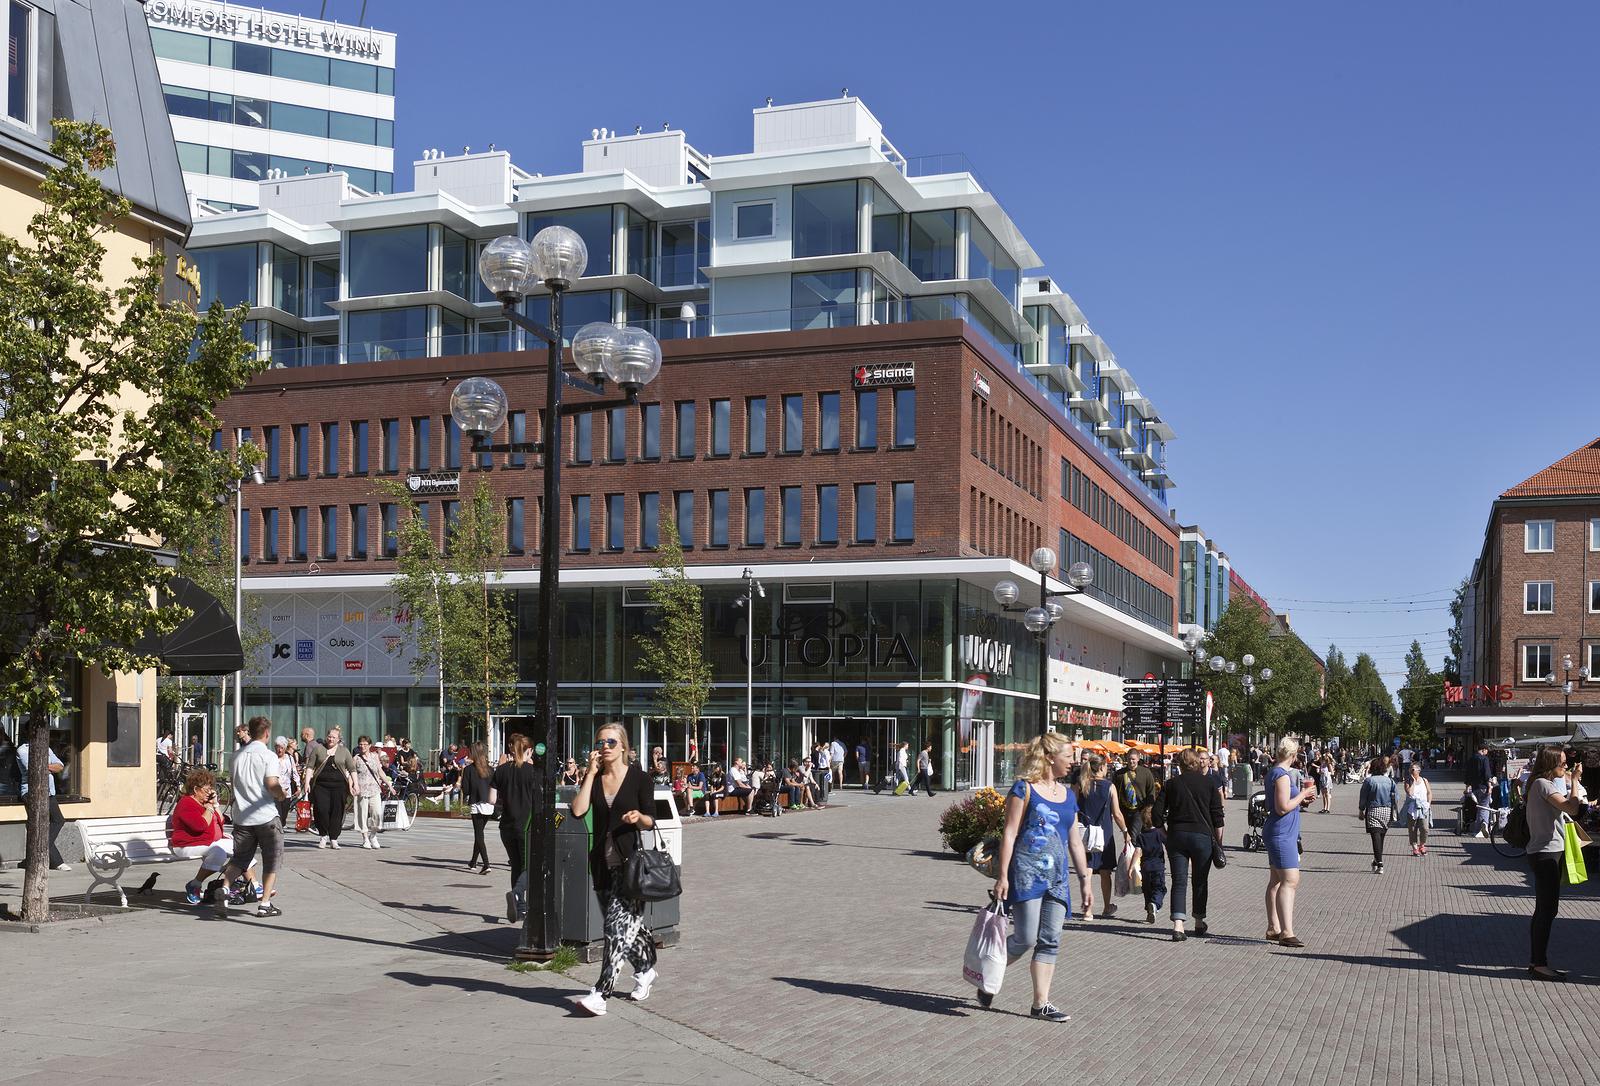 Hyr bil i Umeå